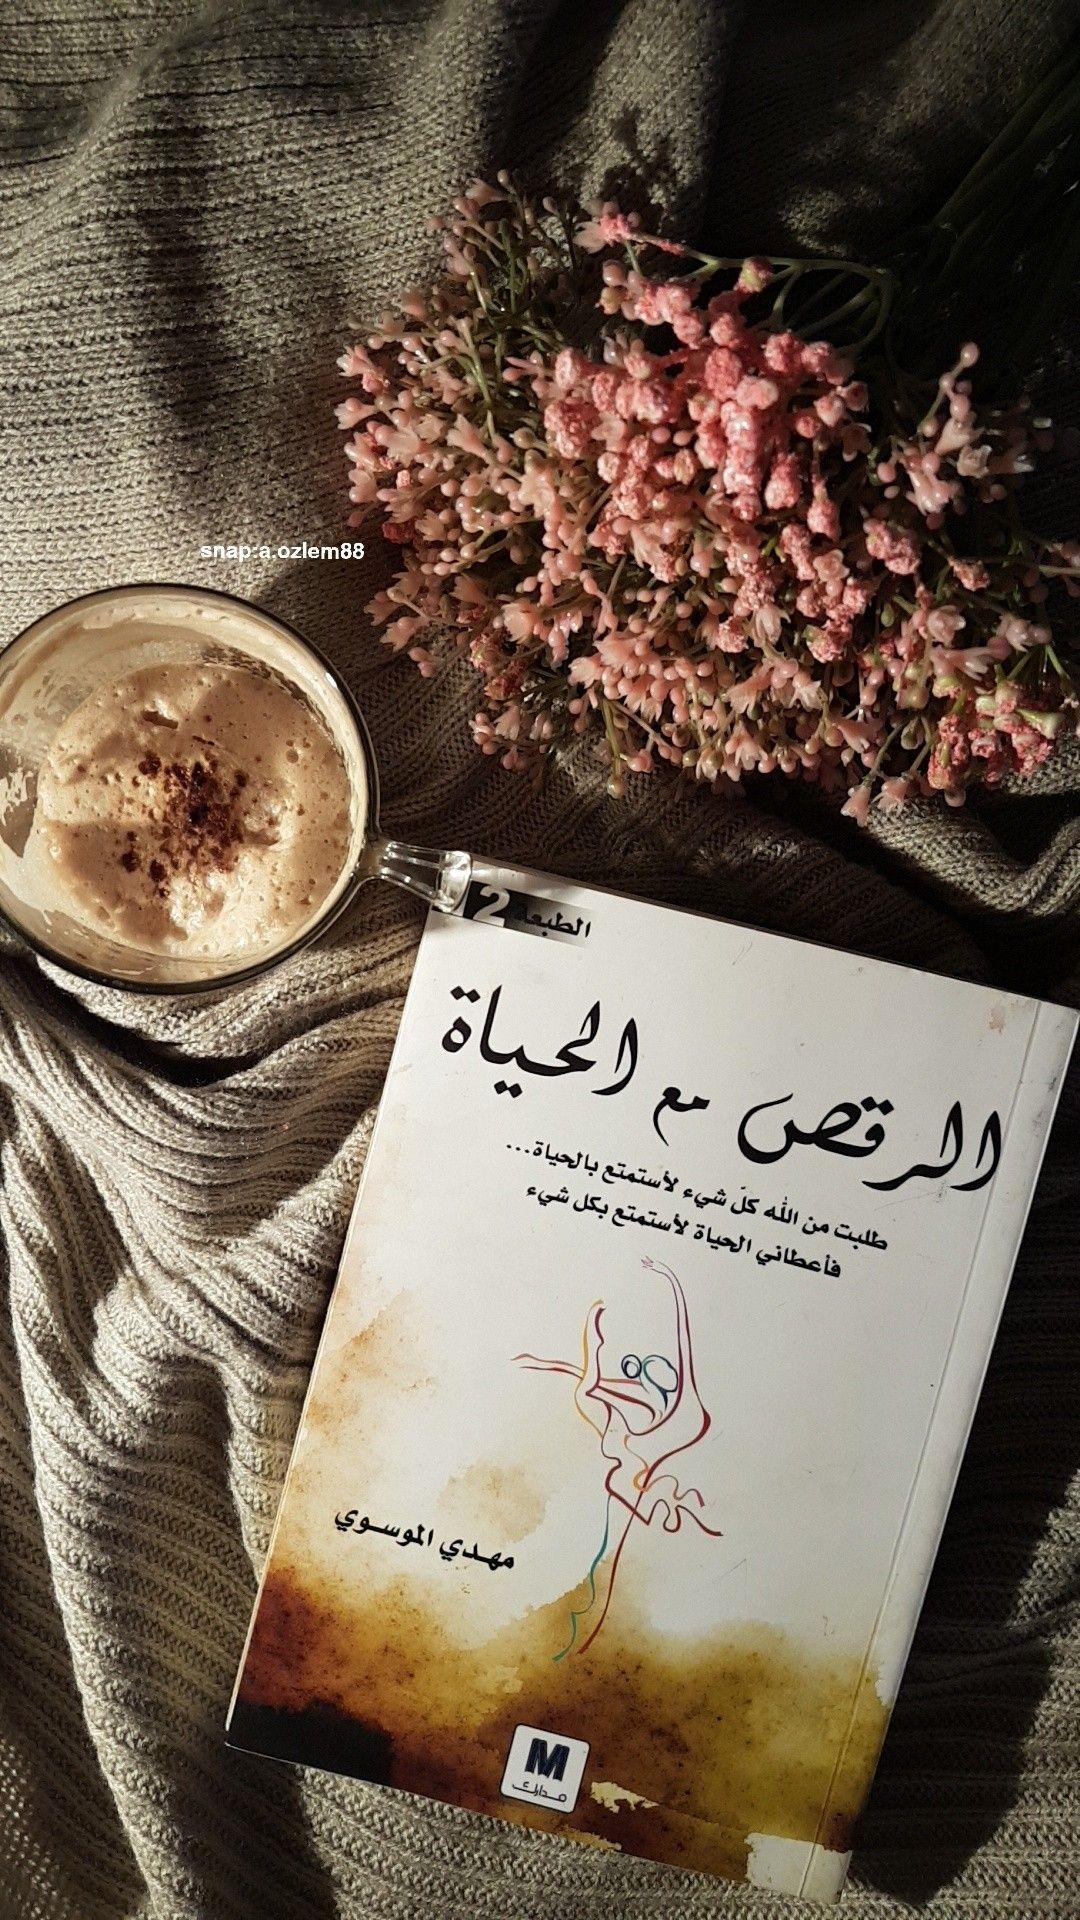 كتاب جميل يحمل الكثير من اساليب الرقص بانسيابيه مع الحياة على إختلاف إيقاعاتها Arabic Books Inspirational Books Book Qoutes